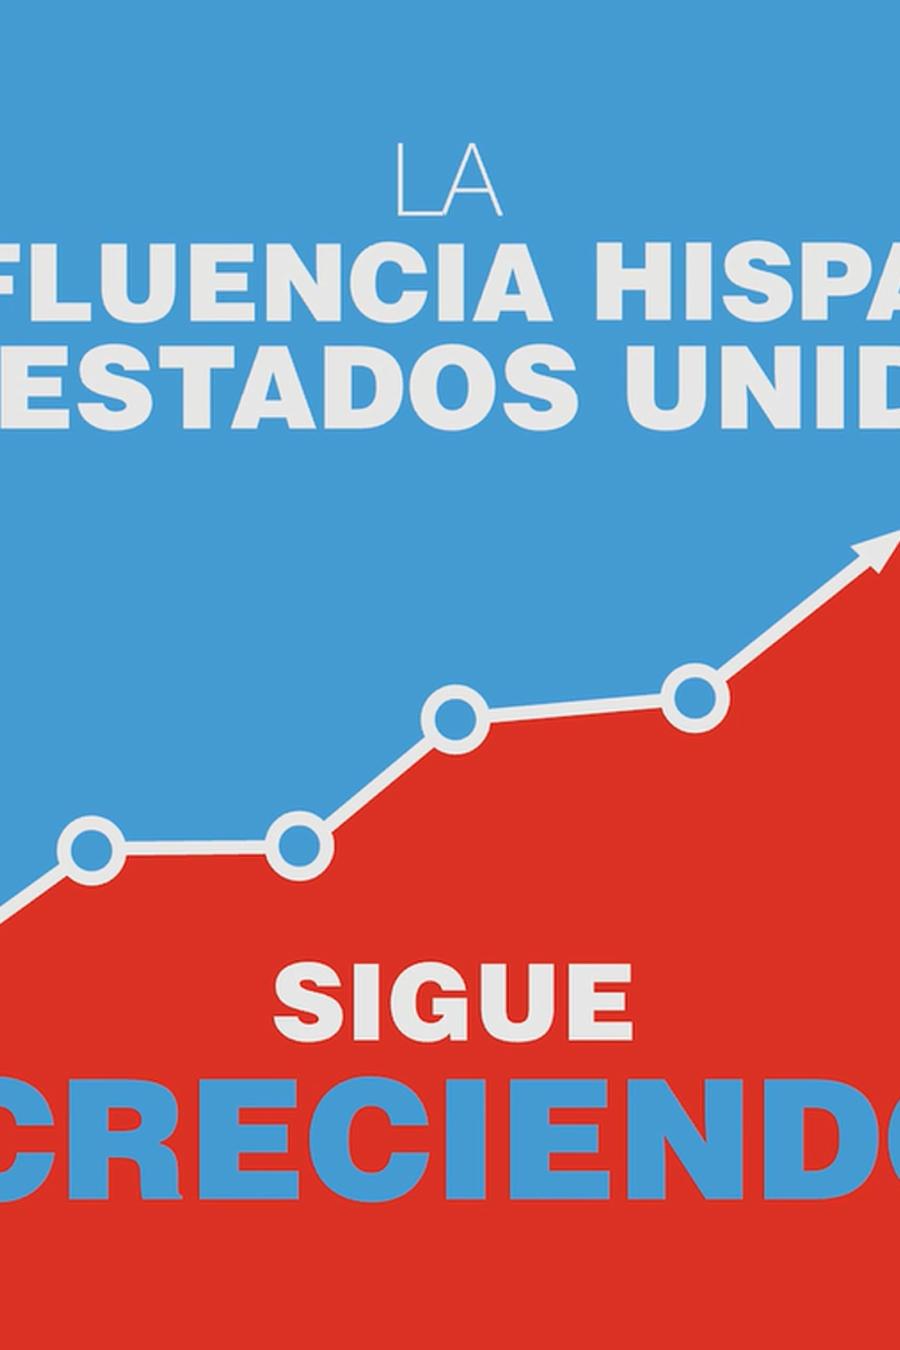 La influencia hispana en Estados Unidos